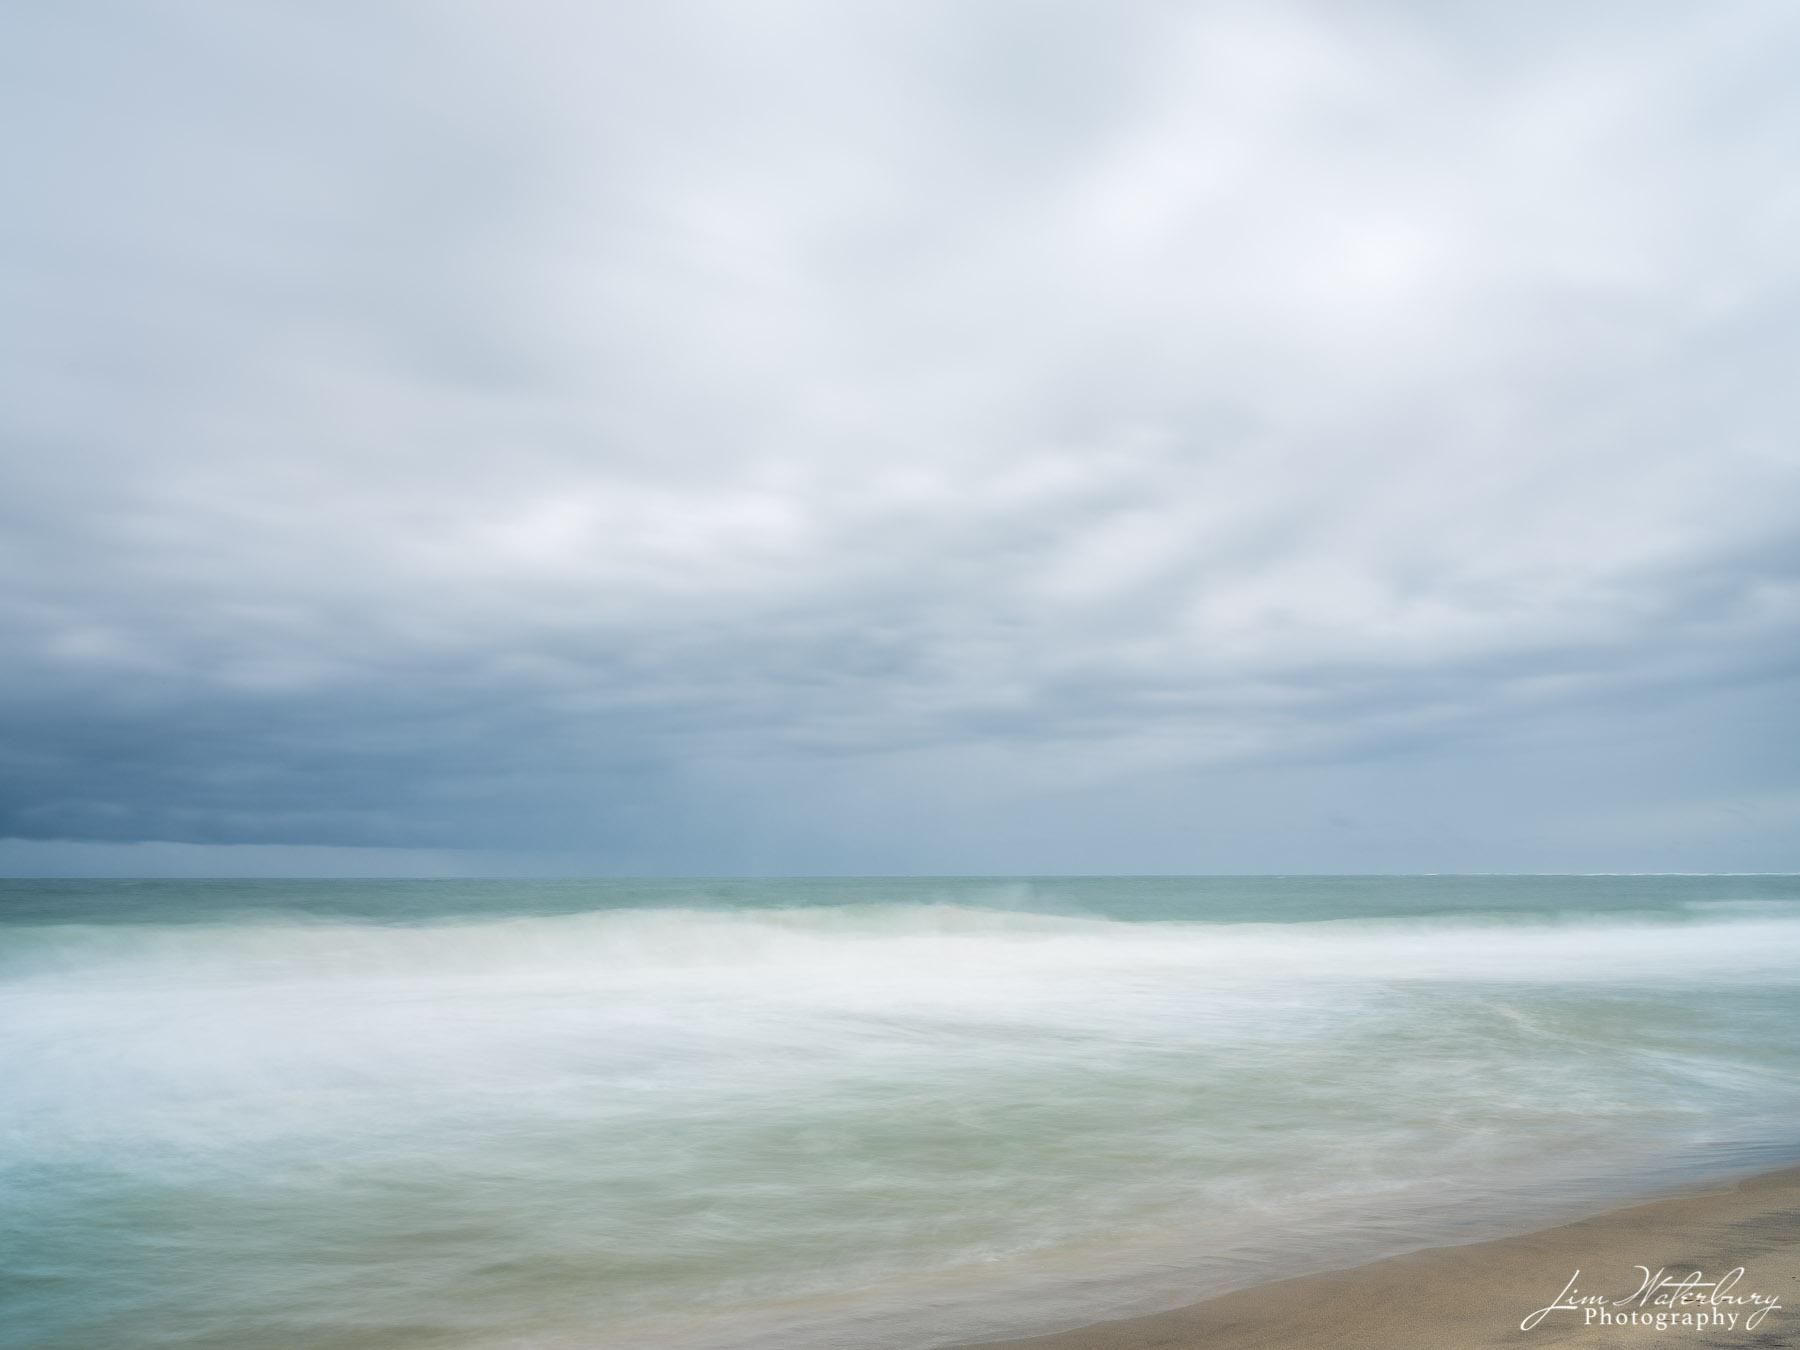 A long exposure blurs ocean and clouds off Cisco Beach, Nantucket.